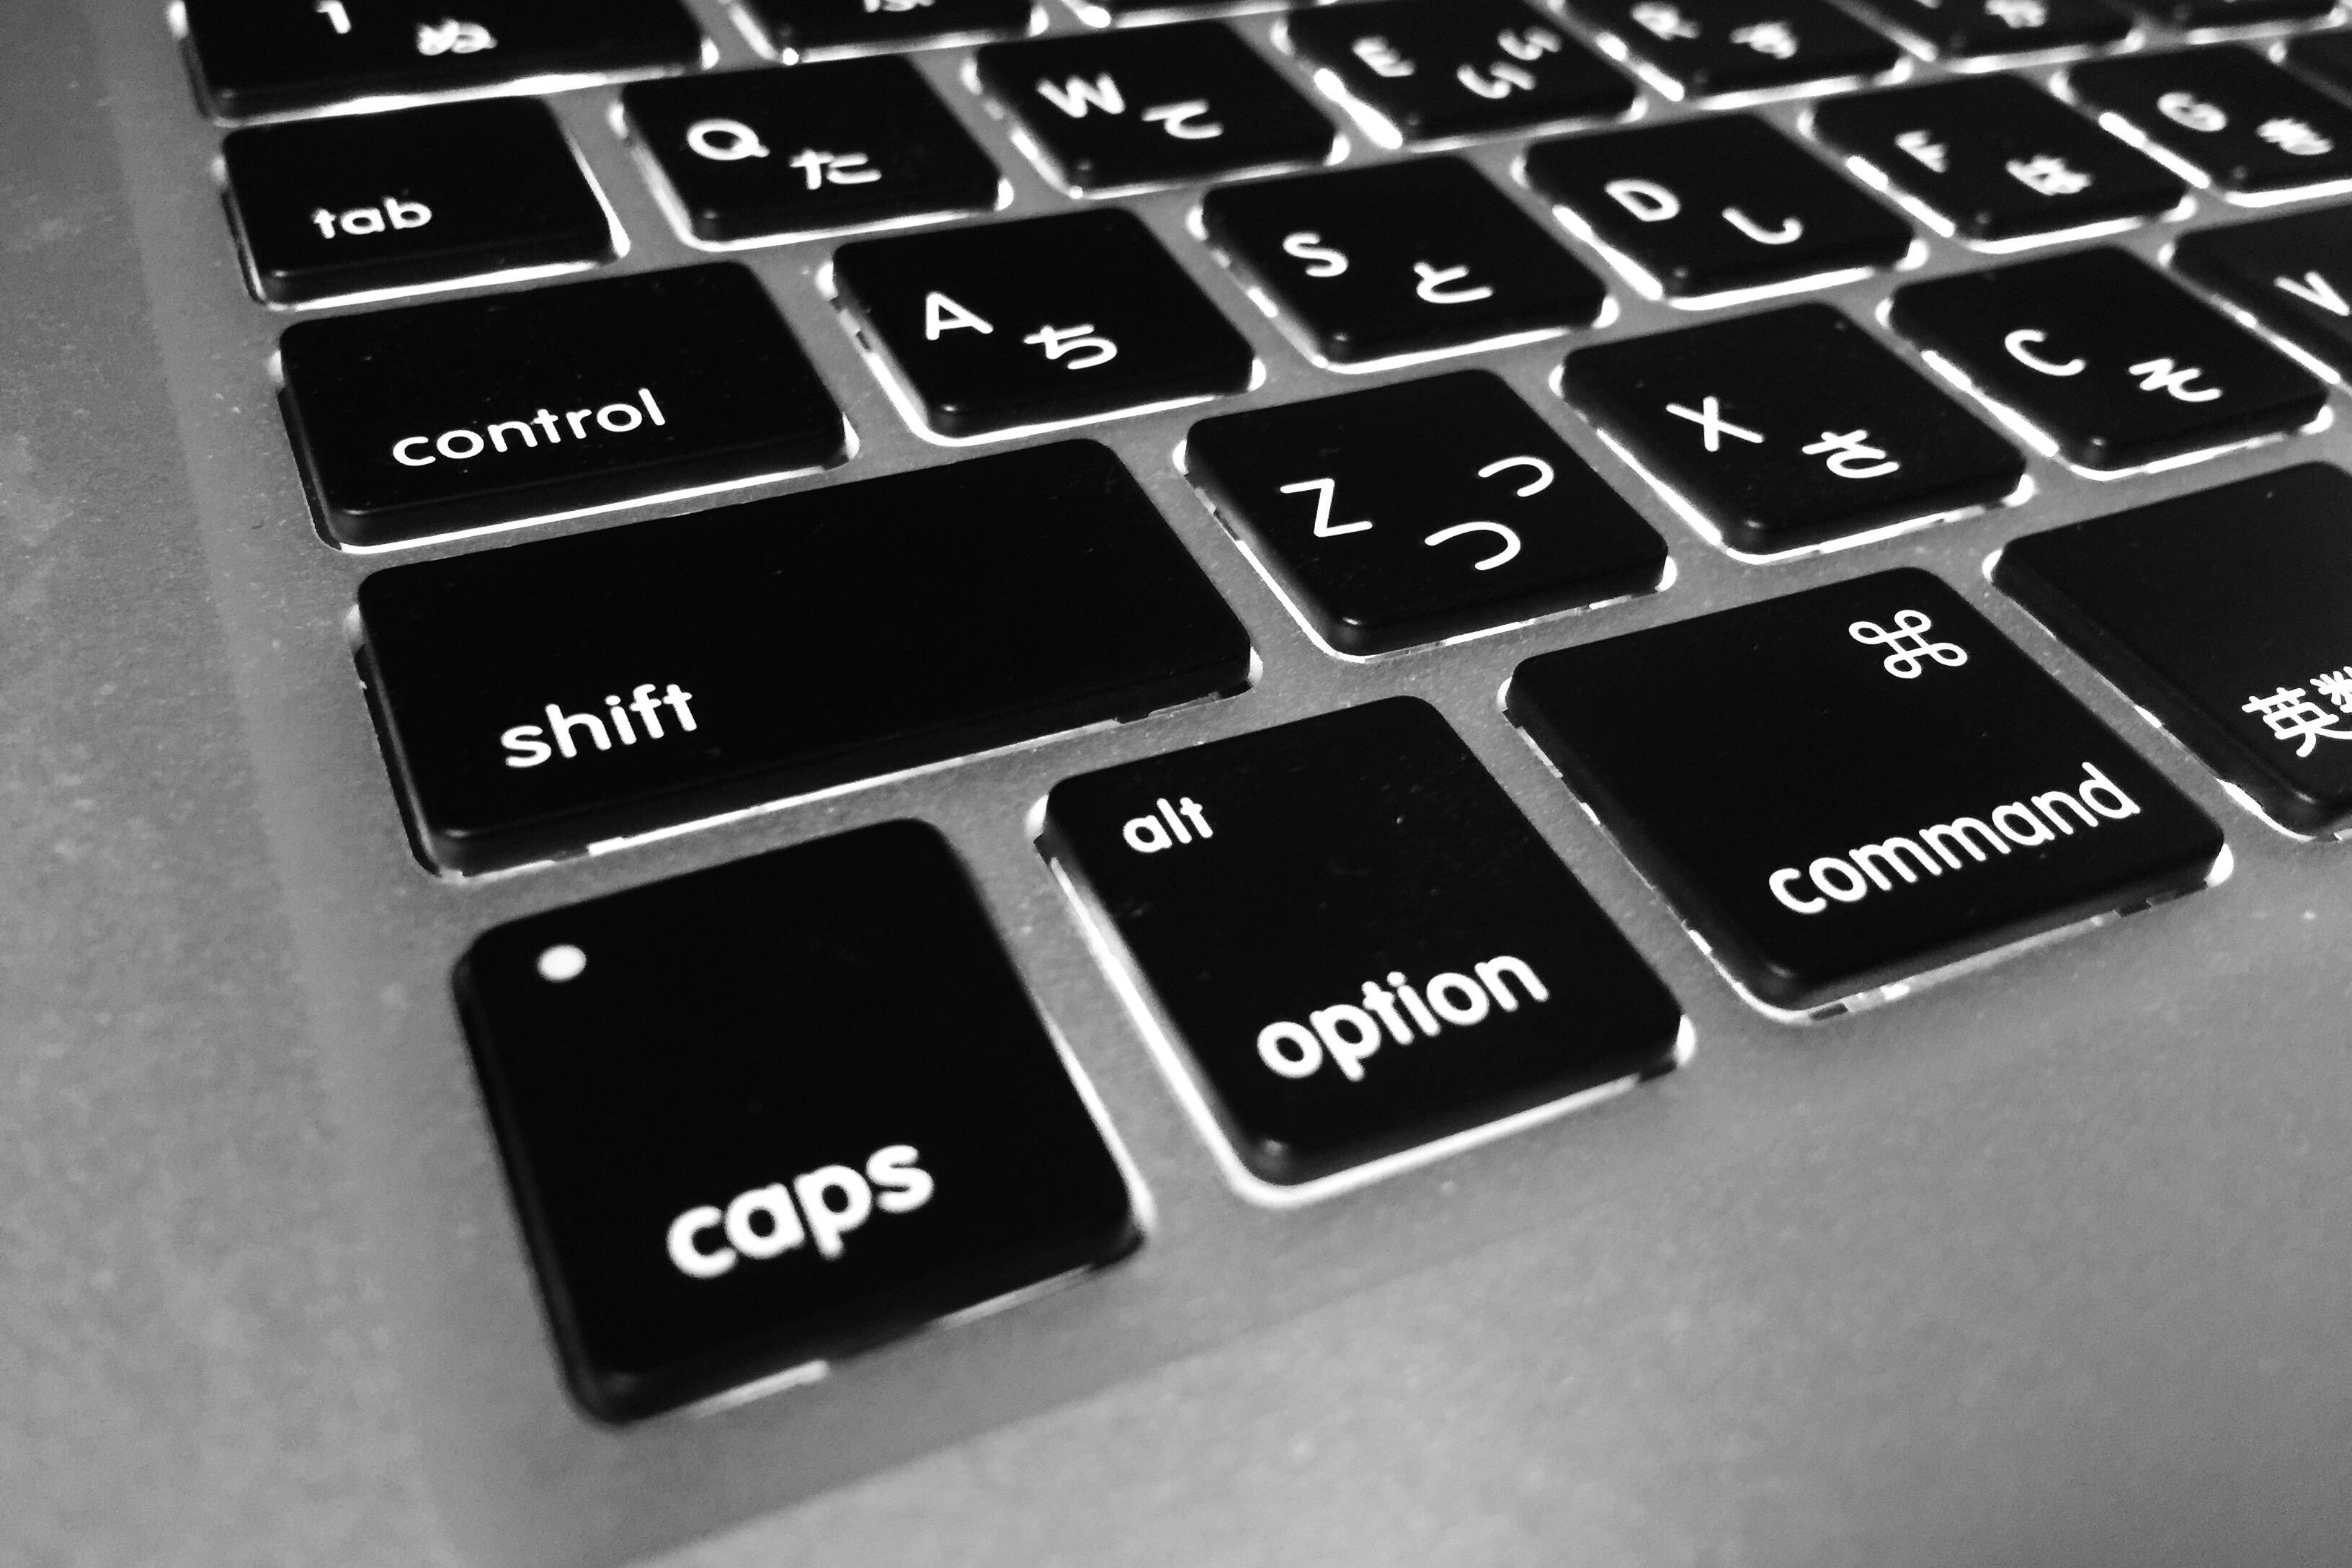 SNSに触れるのはパソコンの時だけにしてみようと考えている。